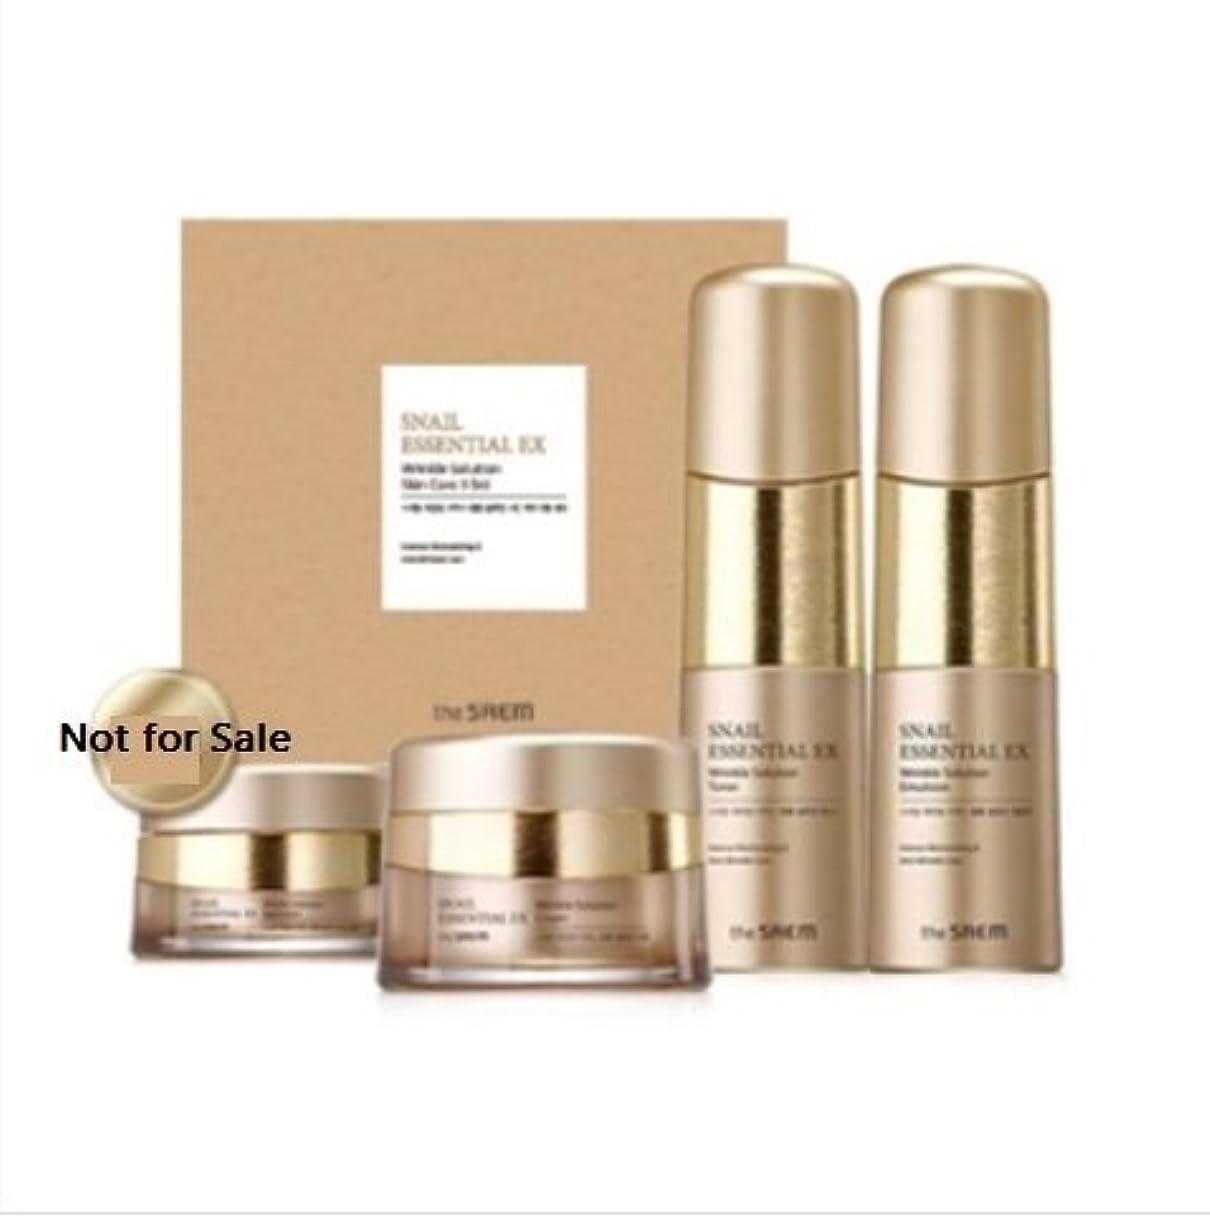 タービン最後にマイナー[ザセム] The Saem [スネイル エッセンシャル EXリンクルソリューション スキンケア 3種セット] (Snail Essential EX-Wrinkle Solution Skin Care 3Set) [...